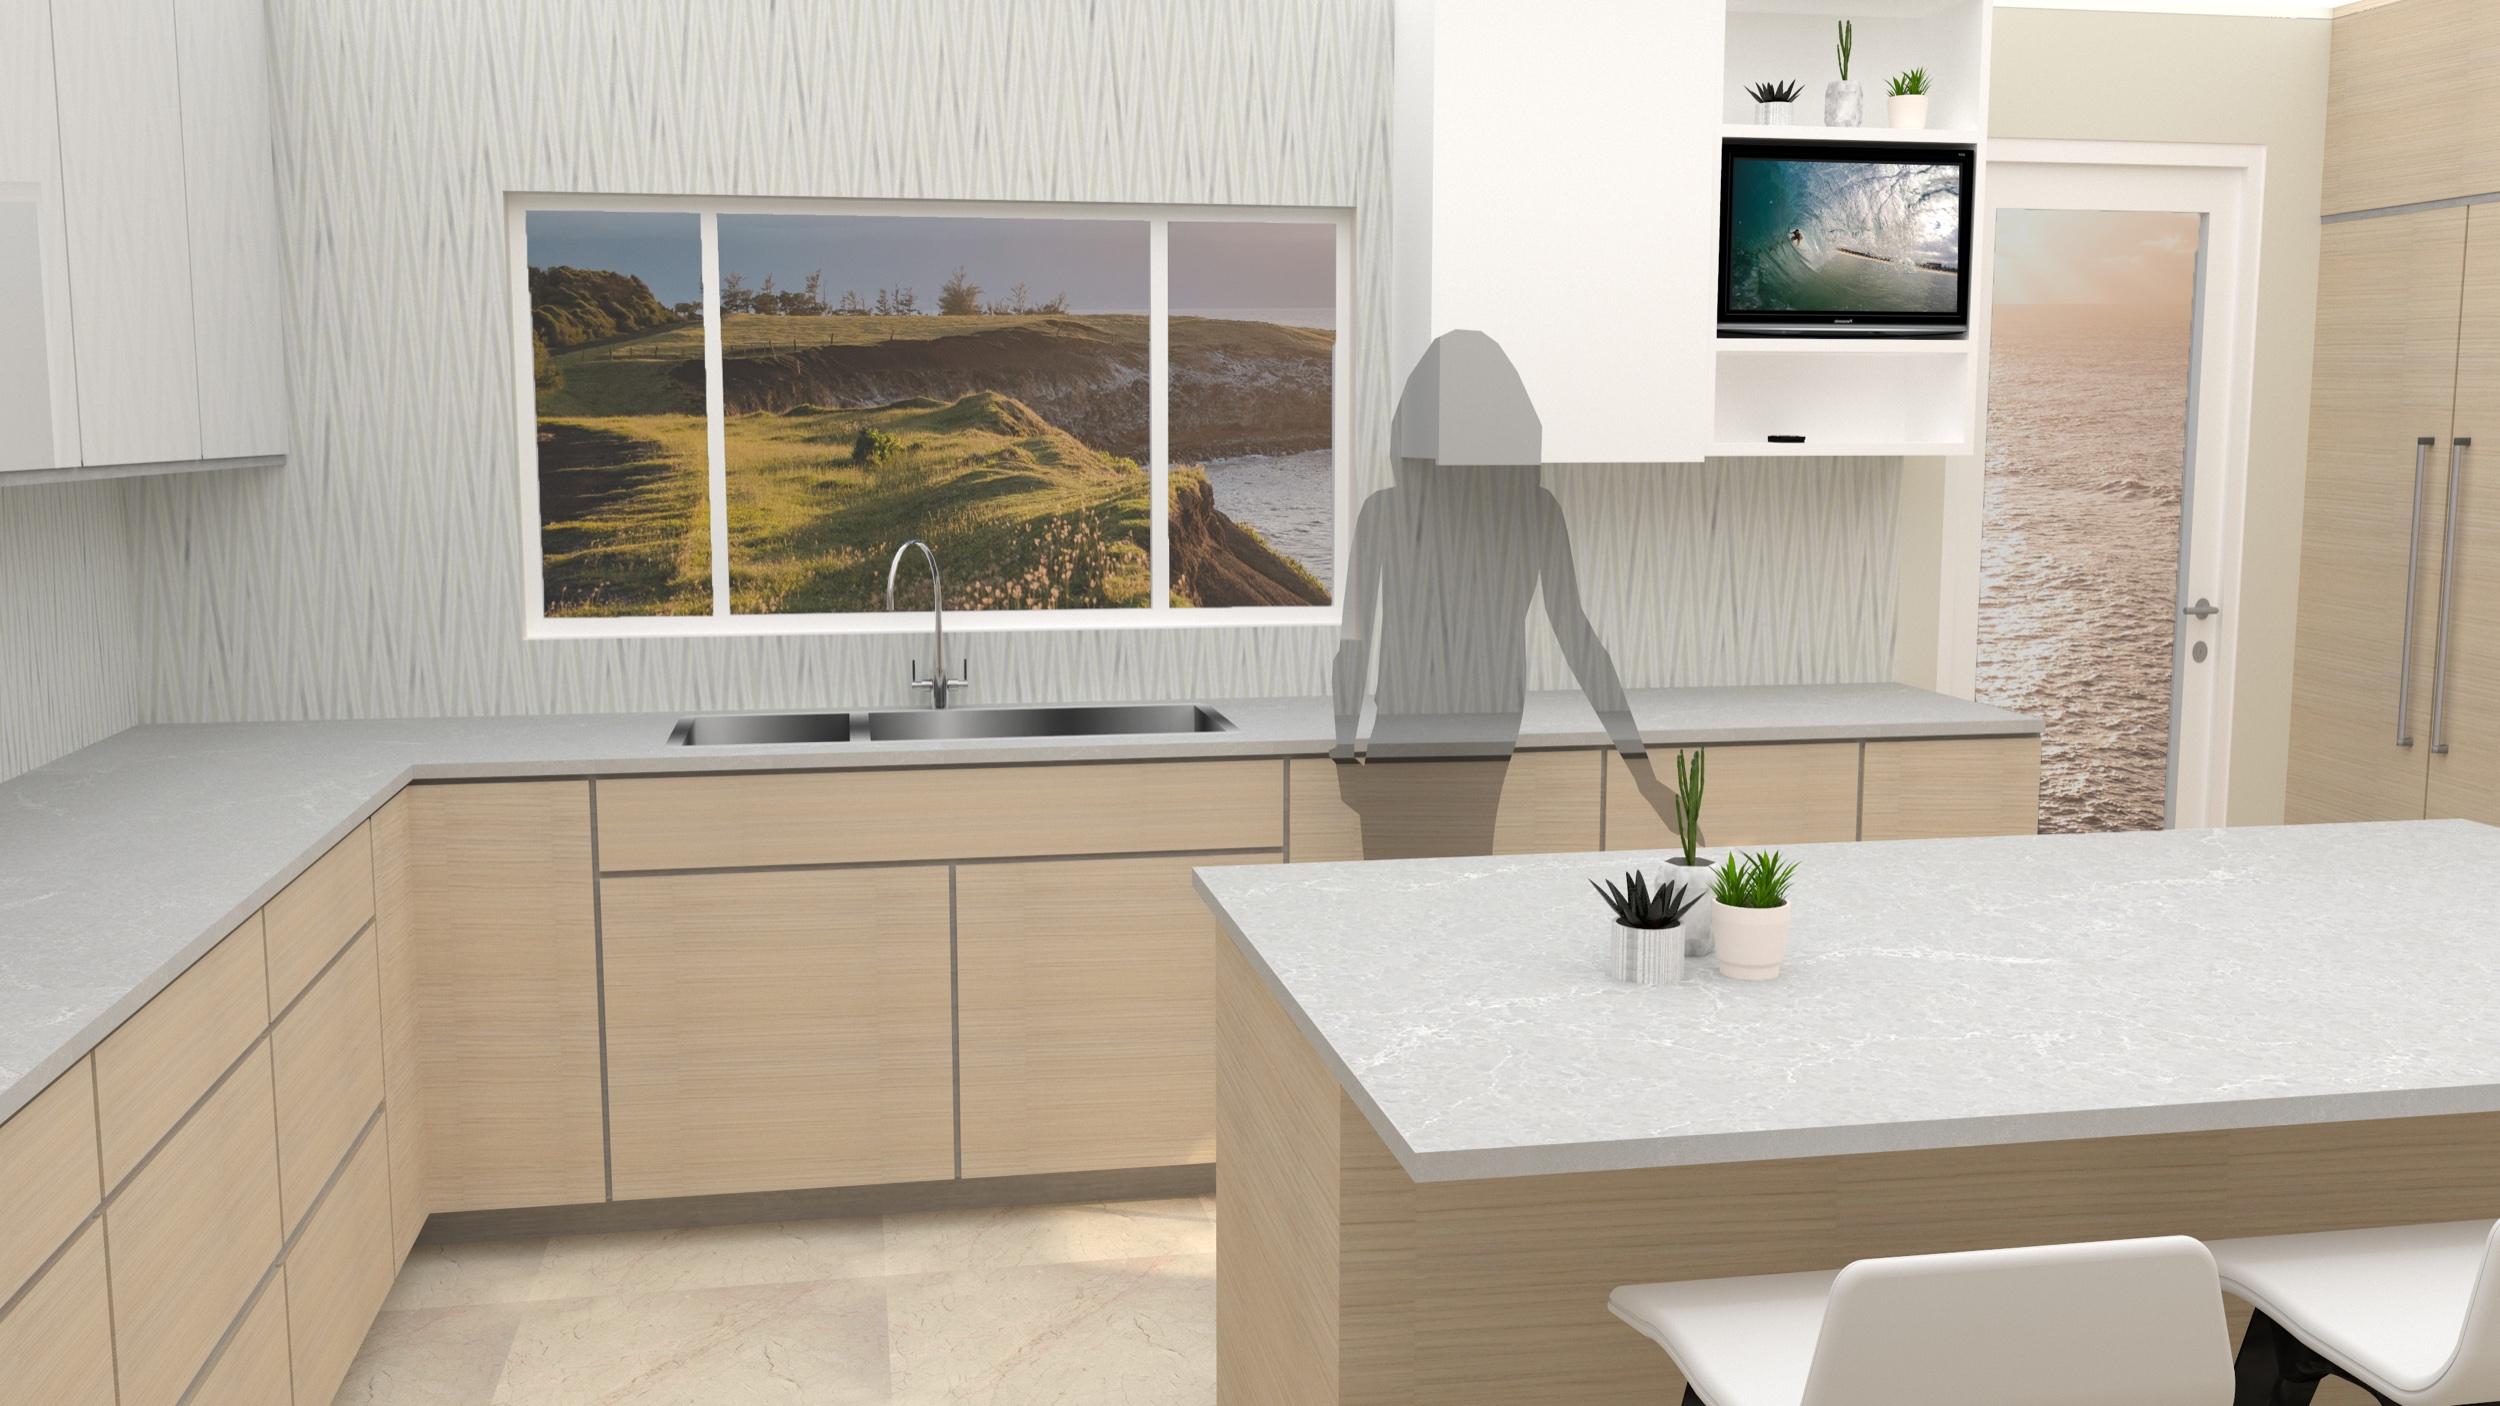 aust_kitchen_view 1.jpeg